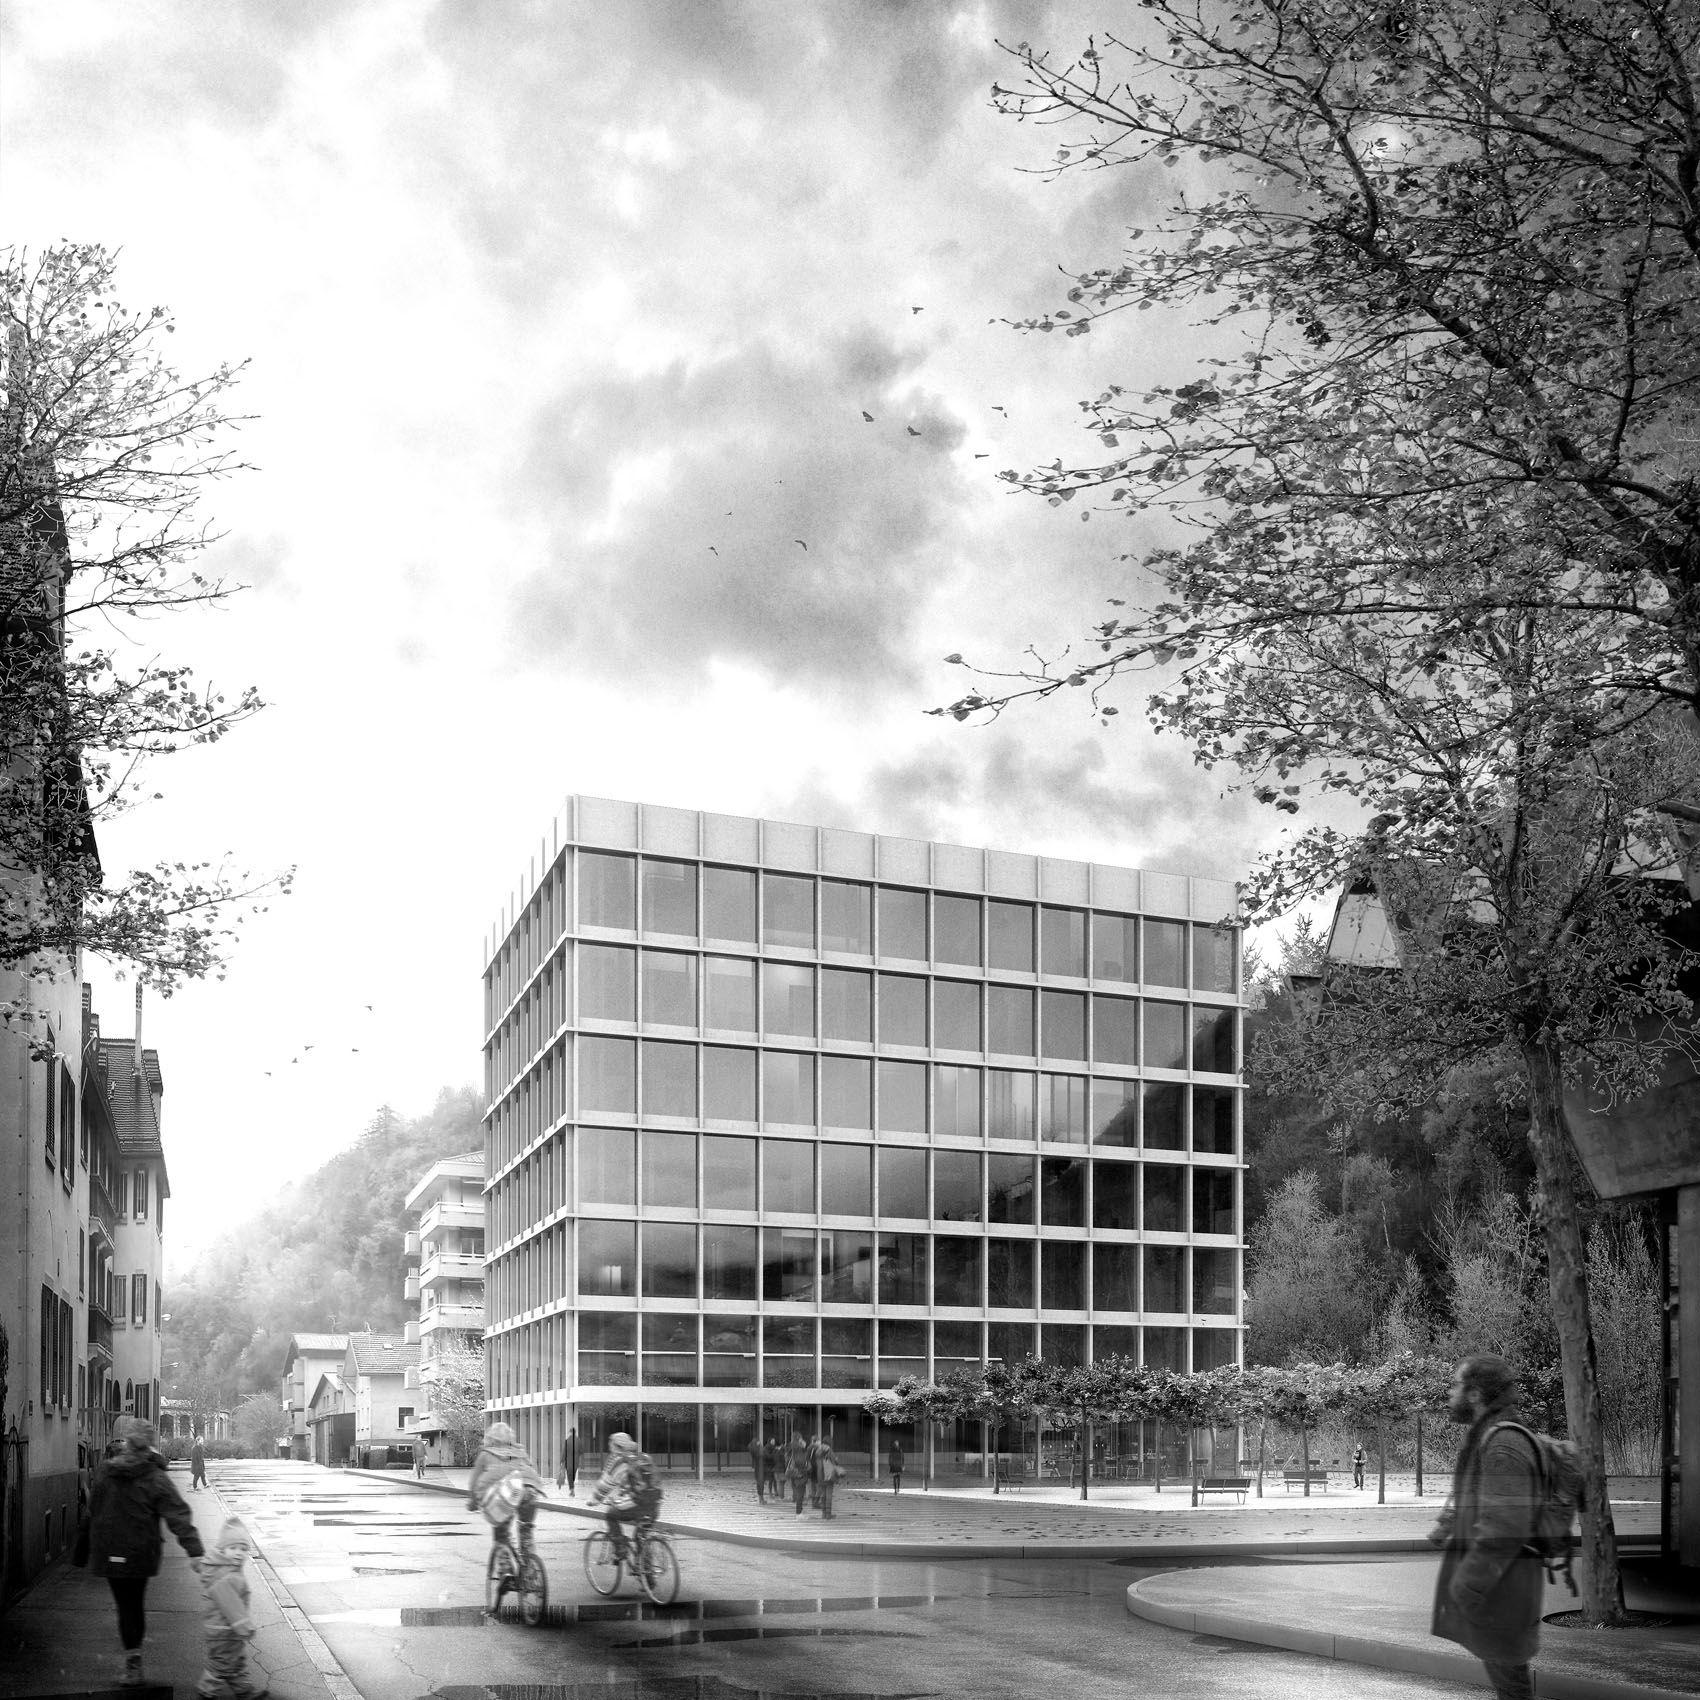 Visualisierungen Architektur fotorealistische architektur visualisierung für den neuen